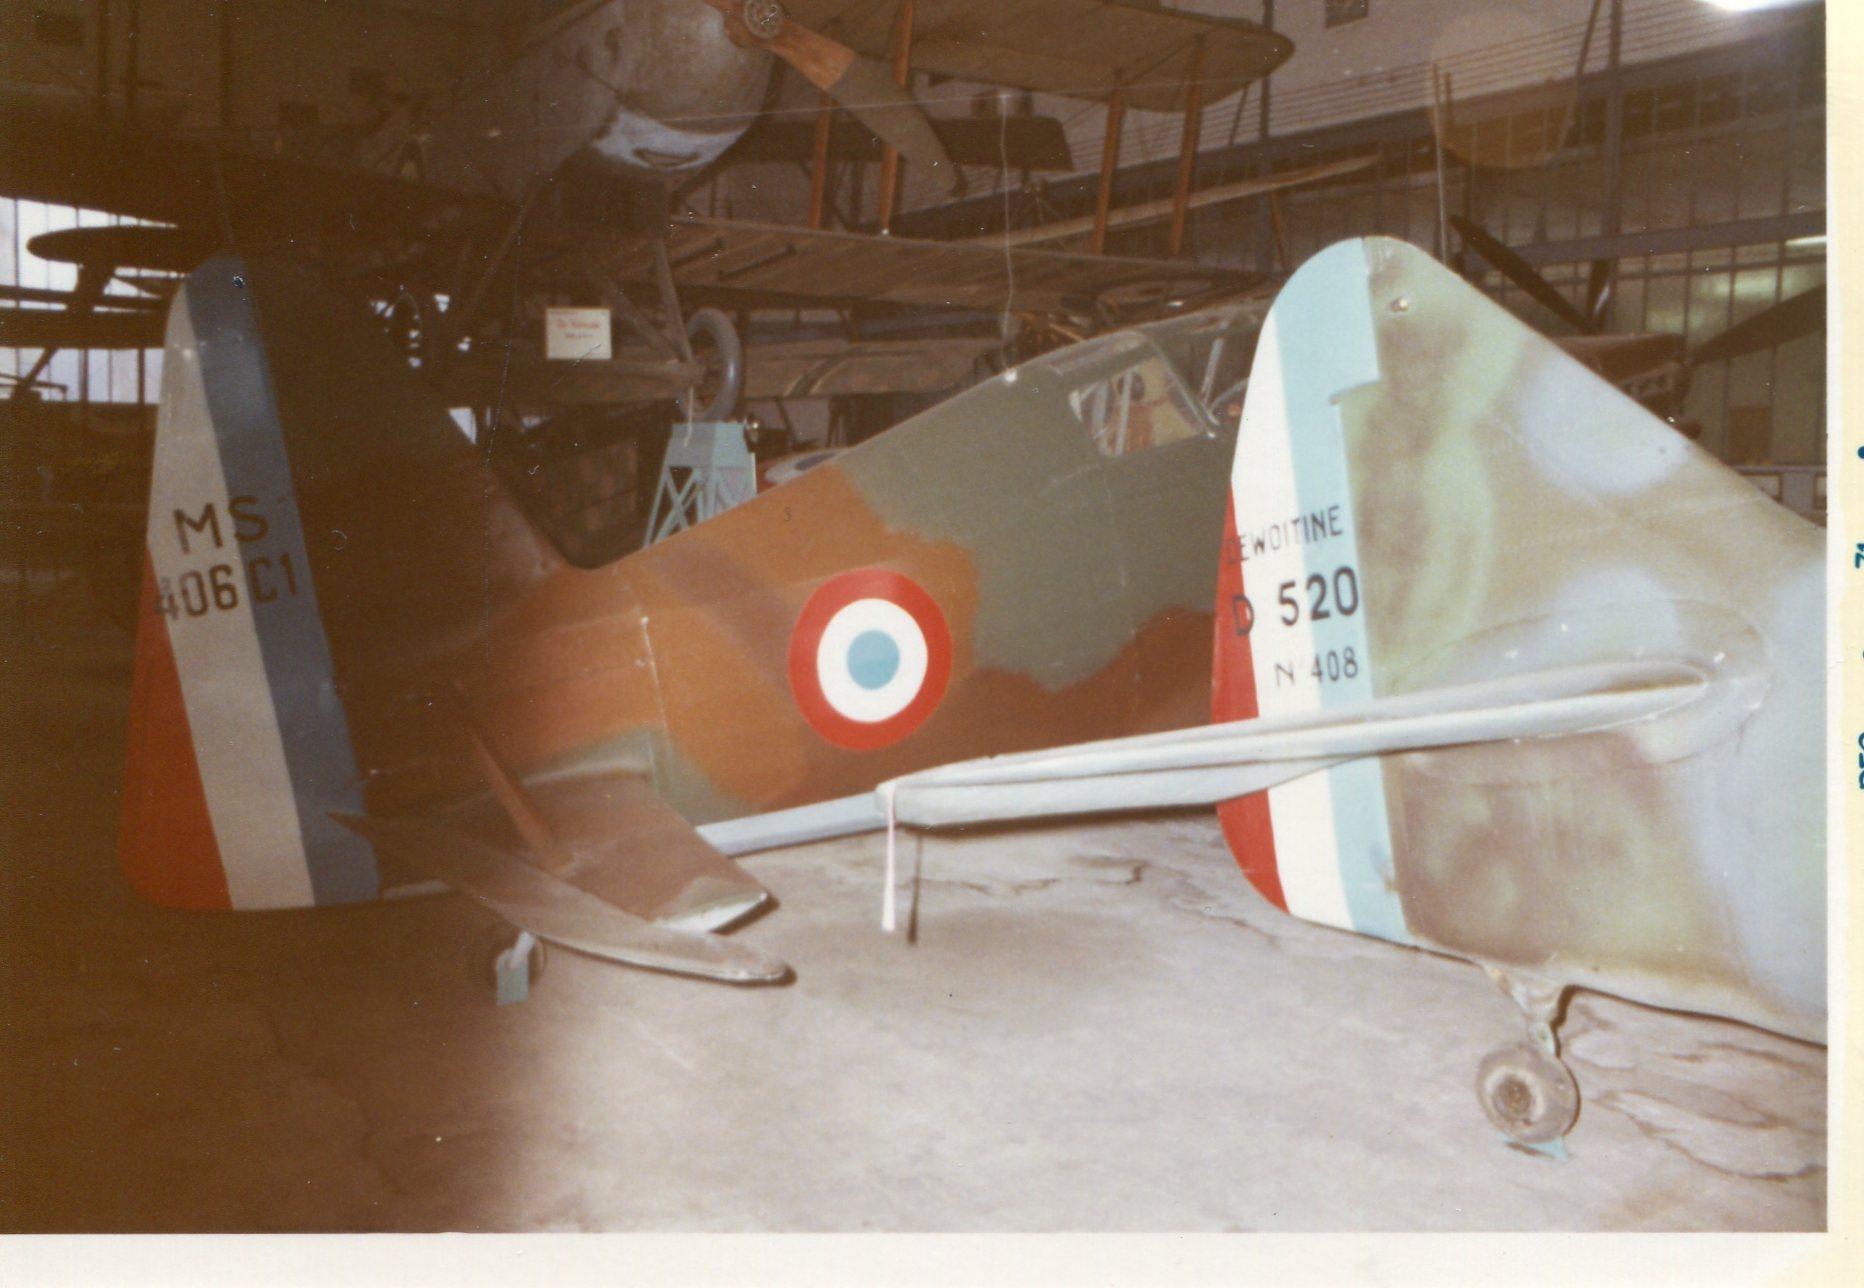 Naam: MS 406 Dewoitine - musee de l ' air - Parijs. (3)+.jpg Bekeken: 156 Grootte: 235,8 KB